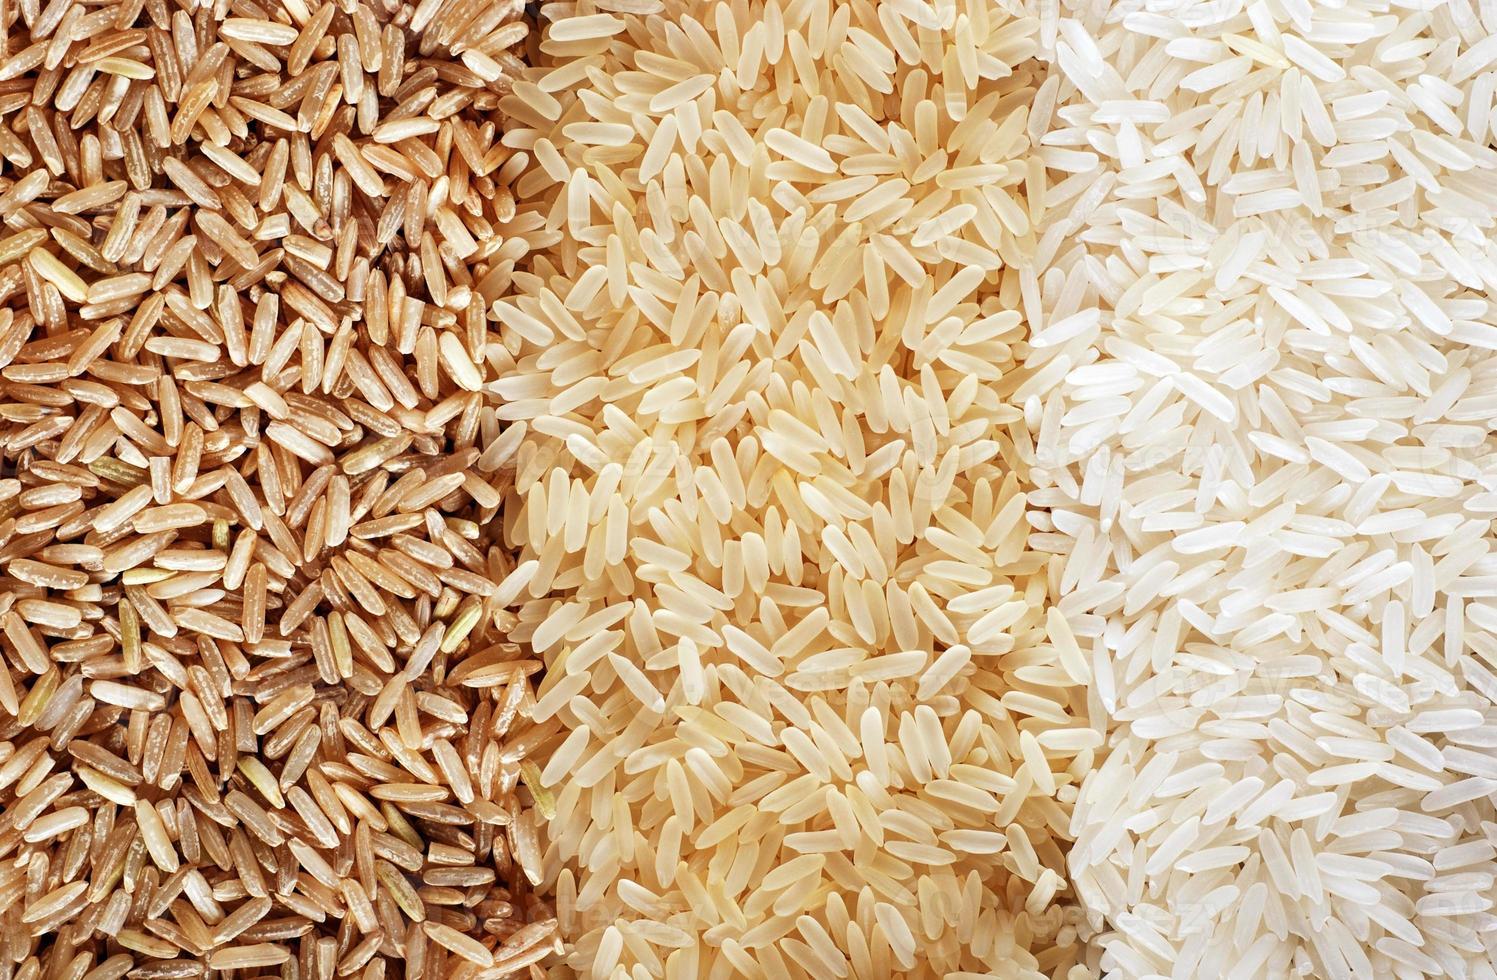 trois rangées de variétés de riz - marron, sauvage et blanc. photo